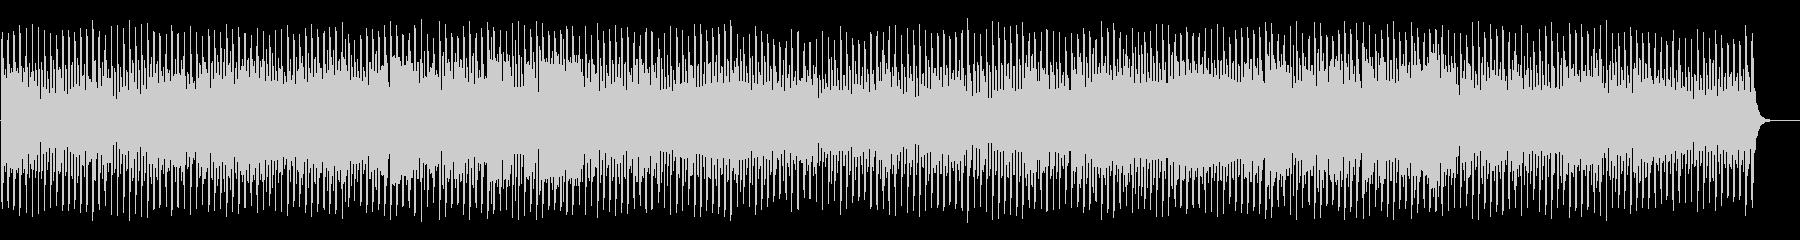 ミステリアスでコミカルなハロウィンBGMの未再生の波形